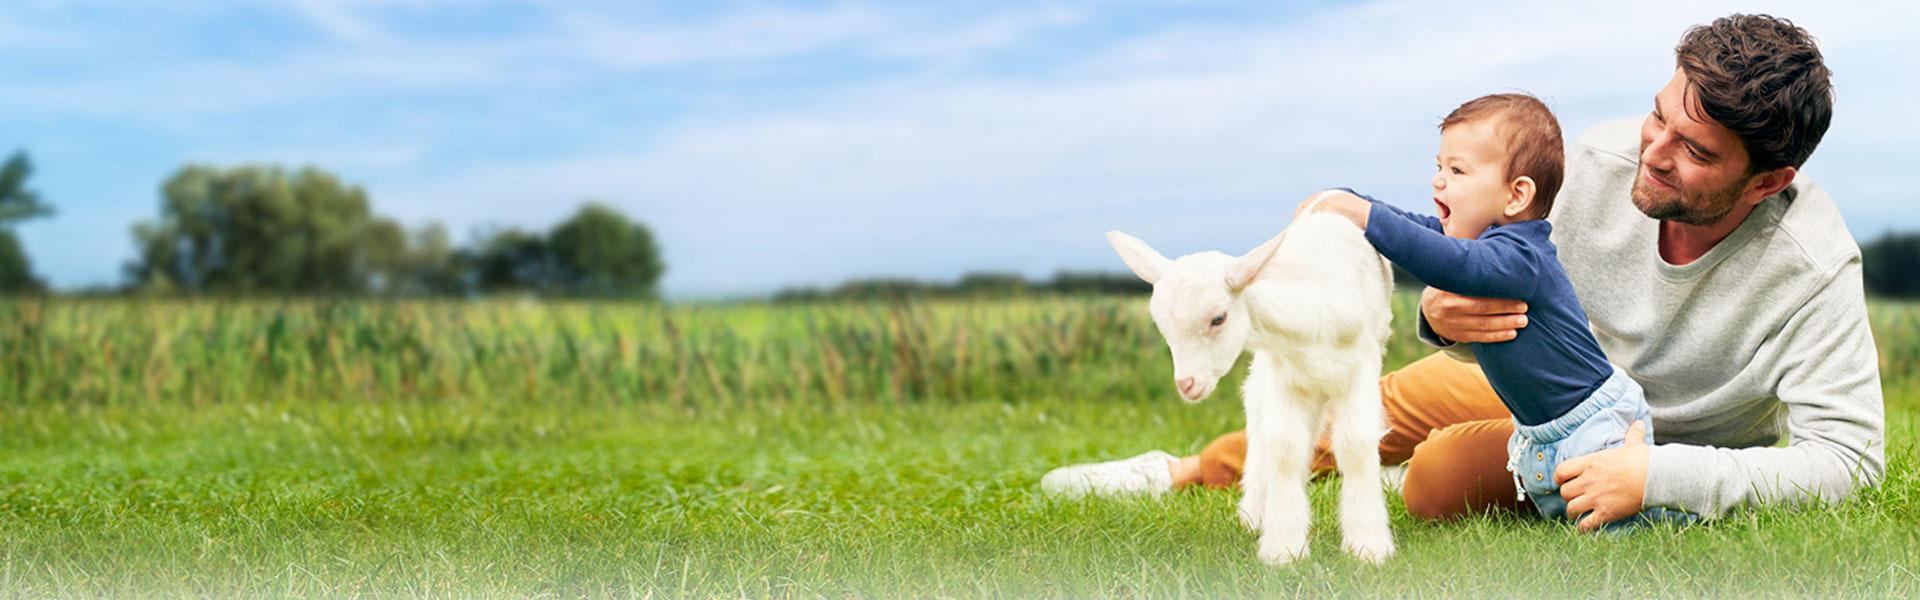 Kabrita Goat Milk Based  Infant Formula 0-12 Months (400g)